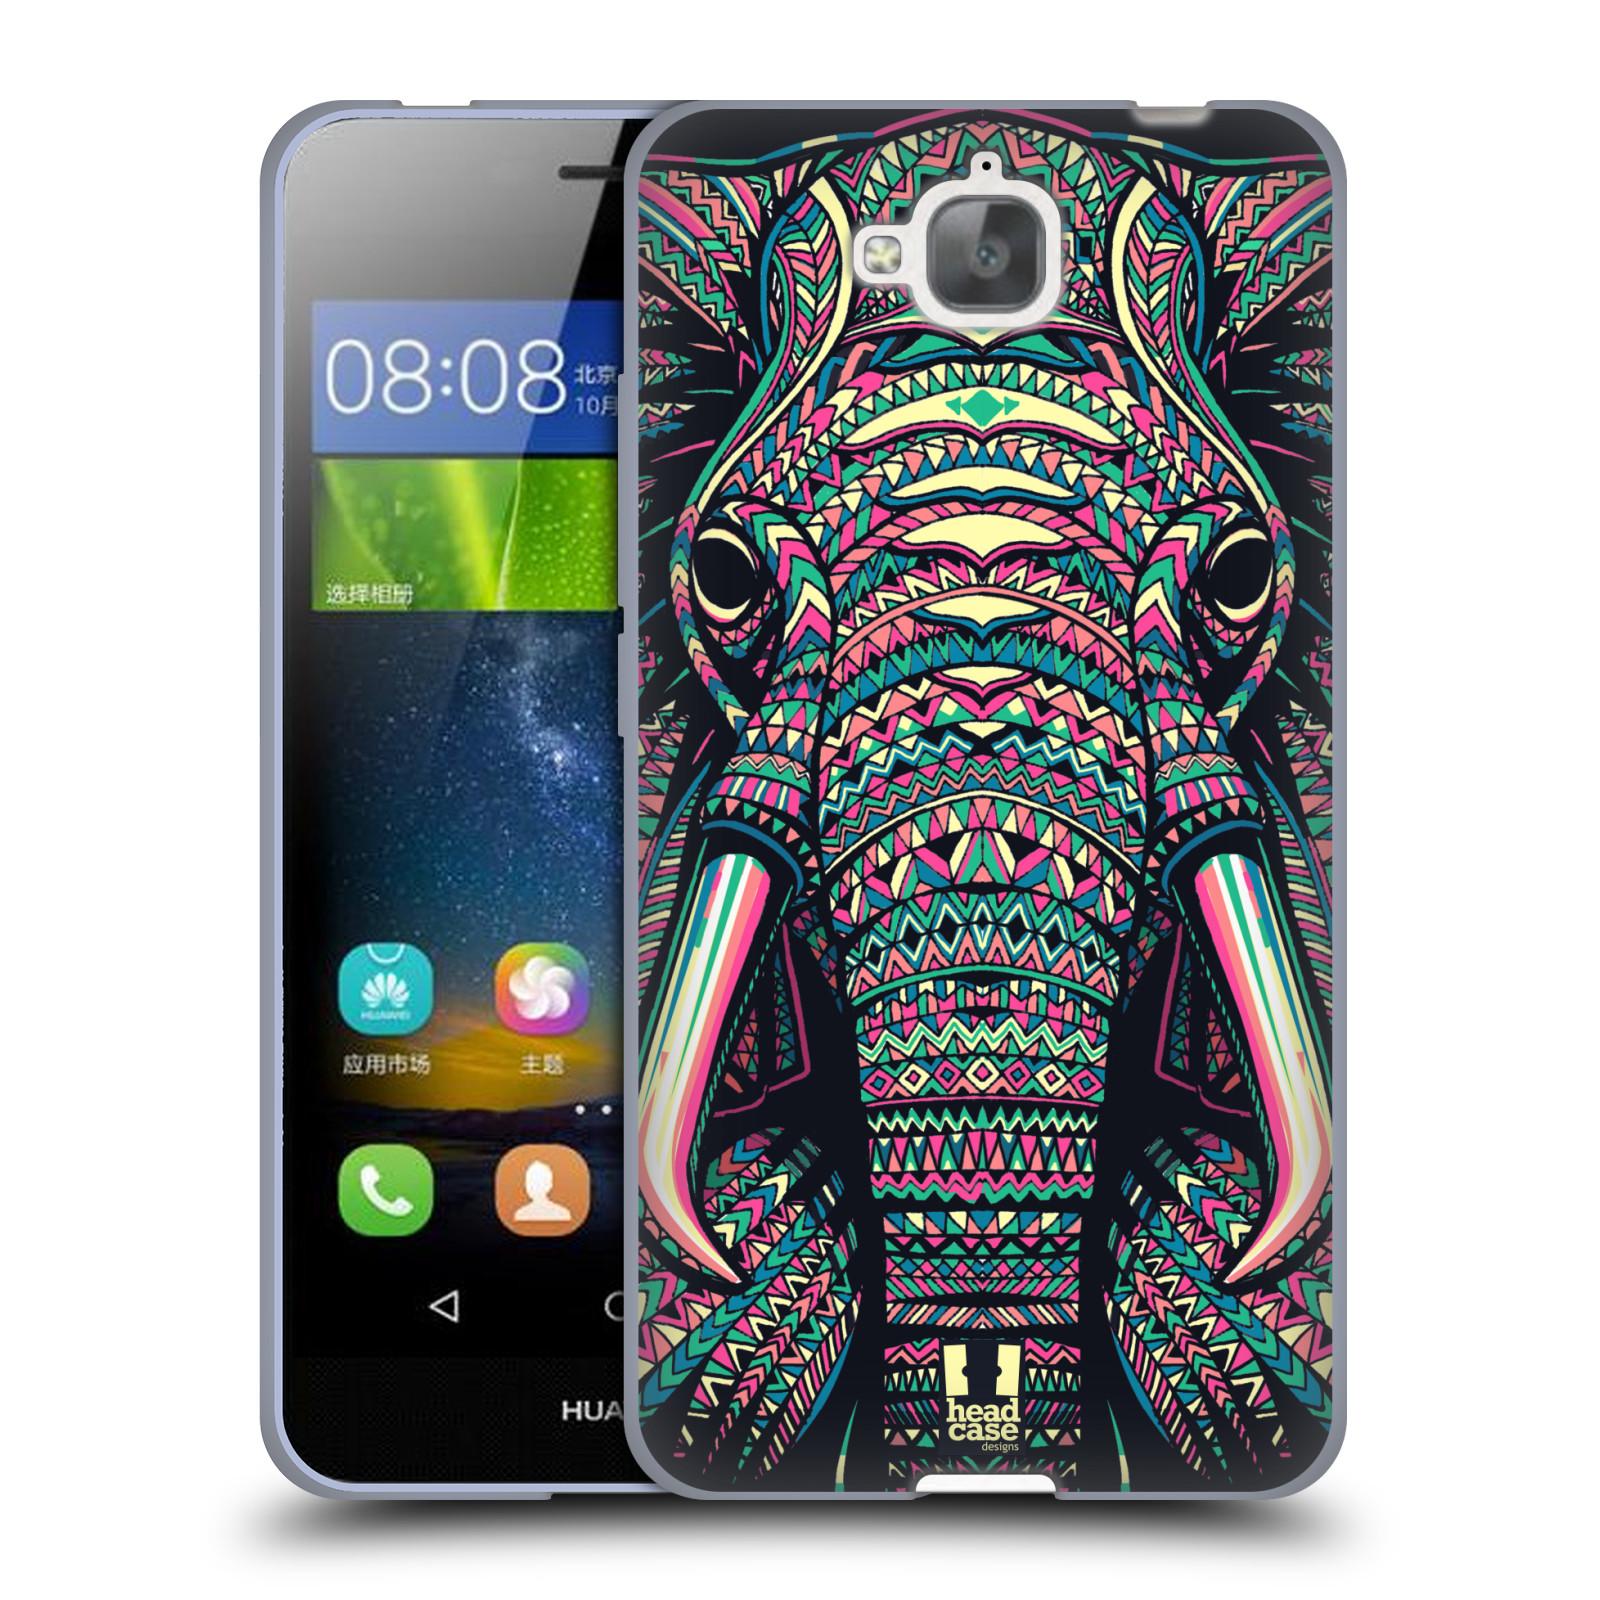 Silikonové pouzdro na mobil Huawei Y6 Pro Dual Sim HEAD CASE AZTEC SLON